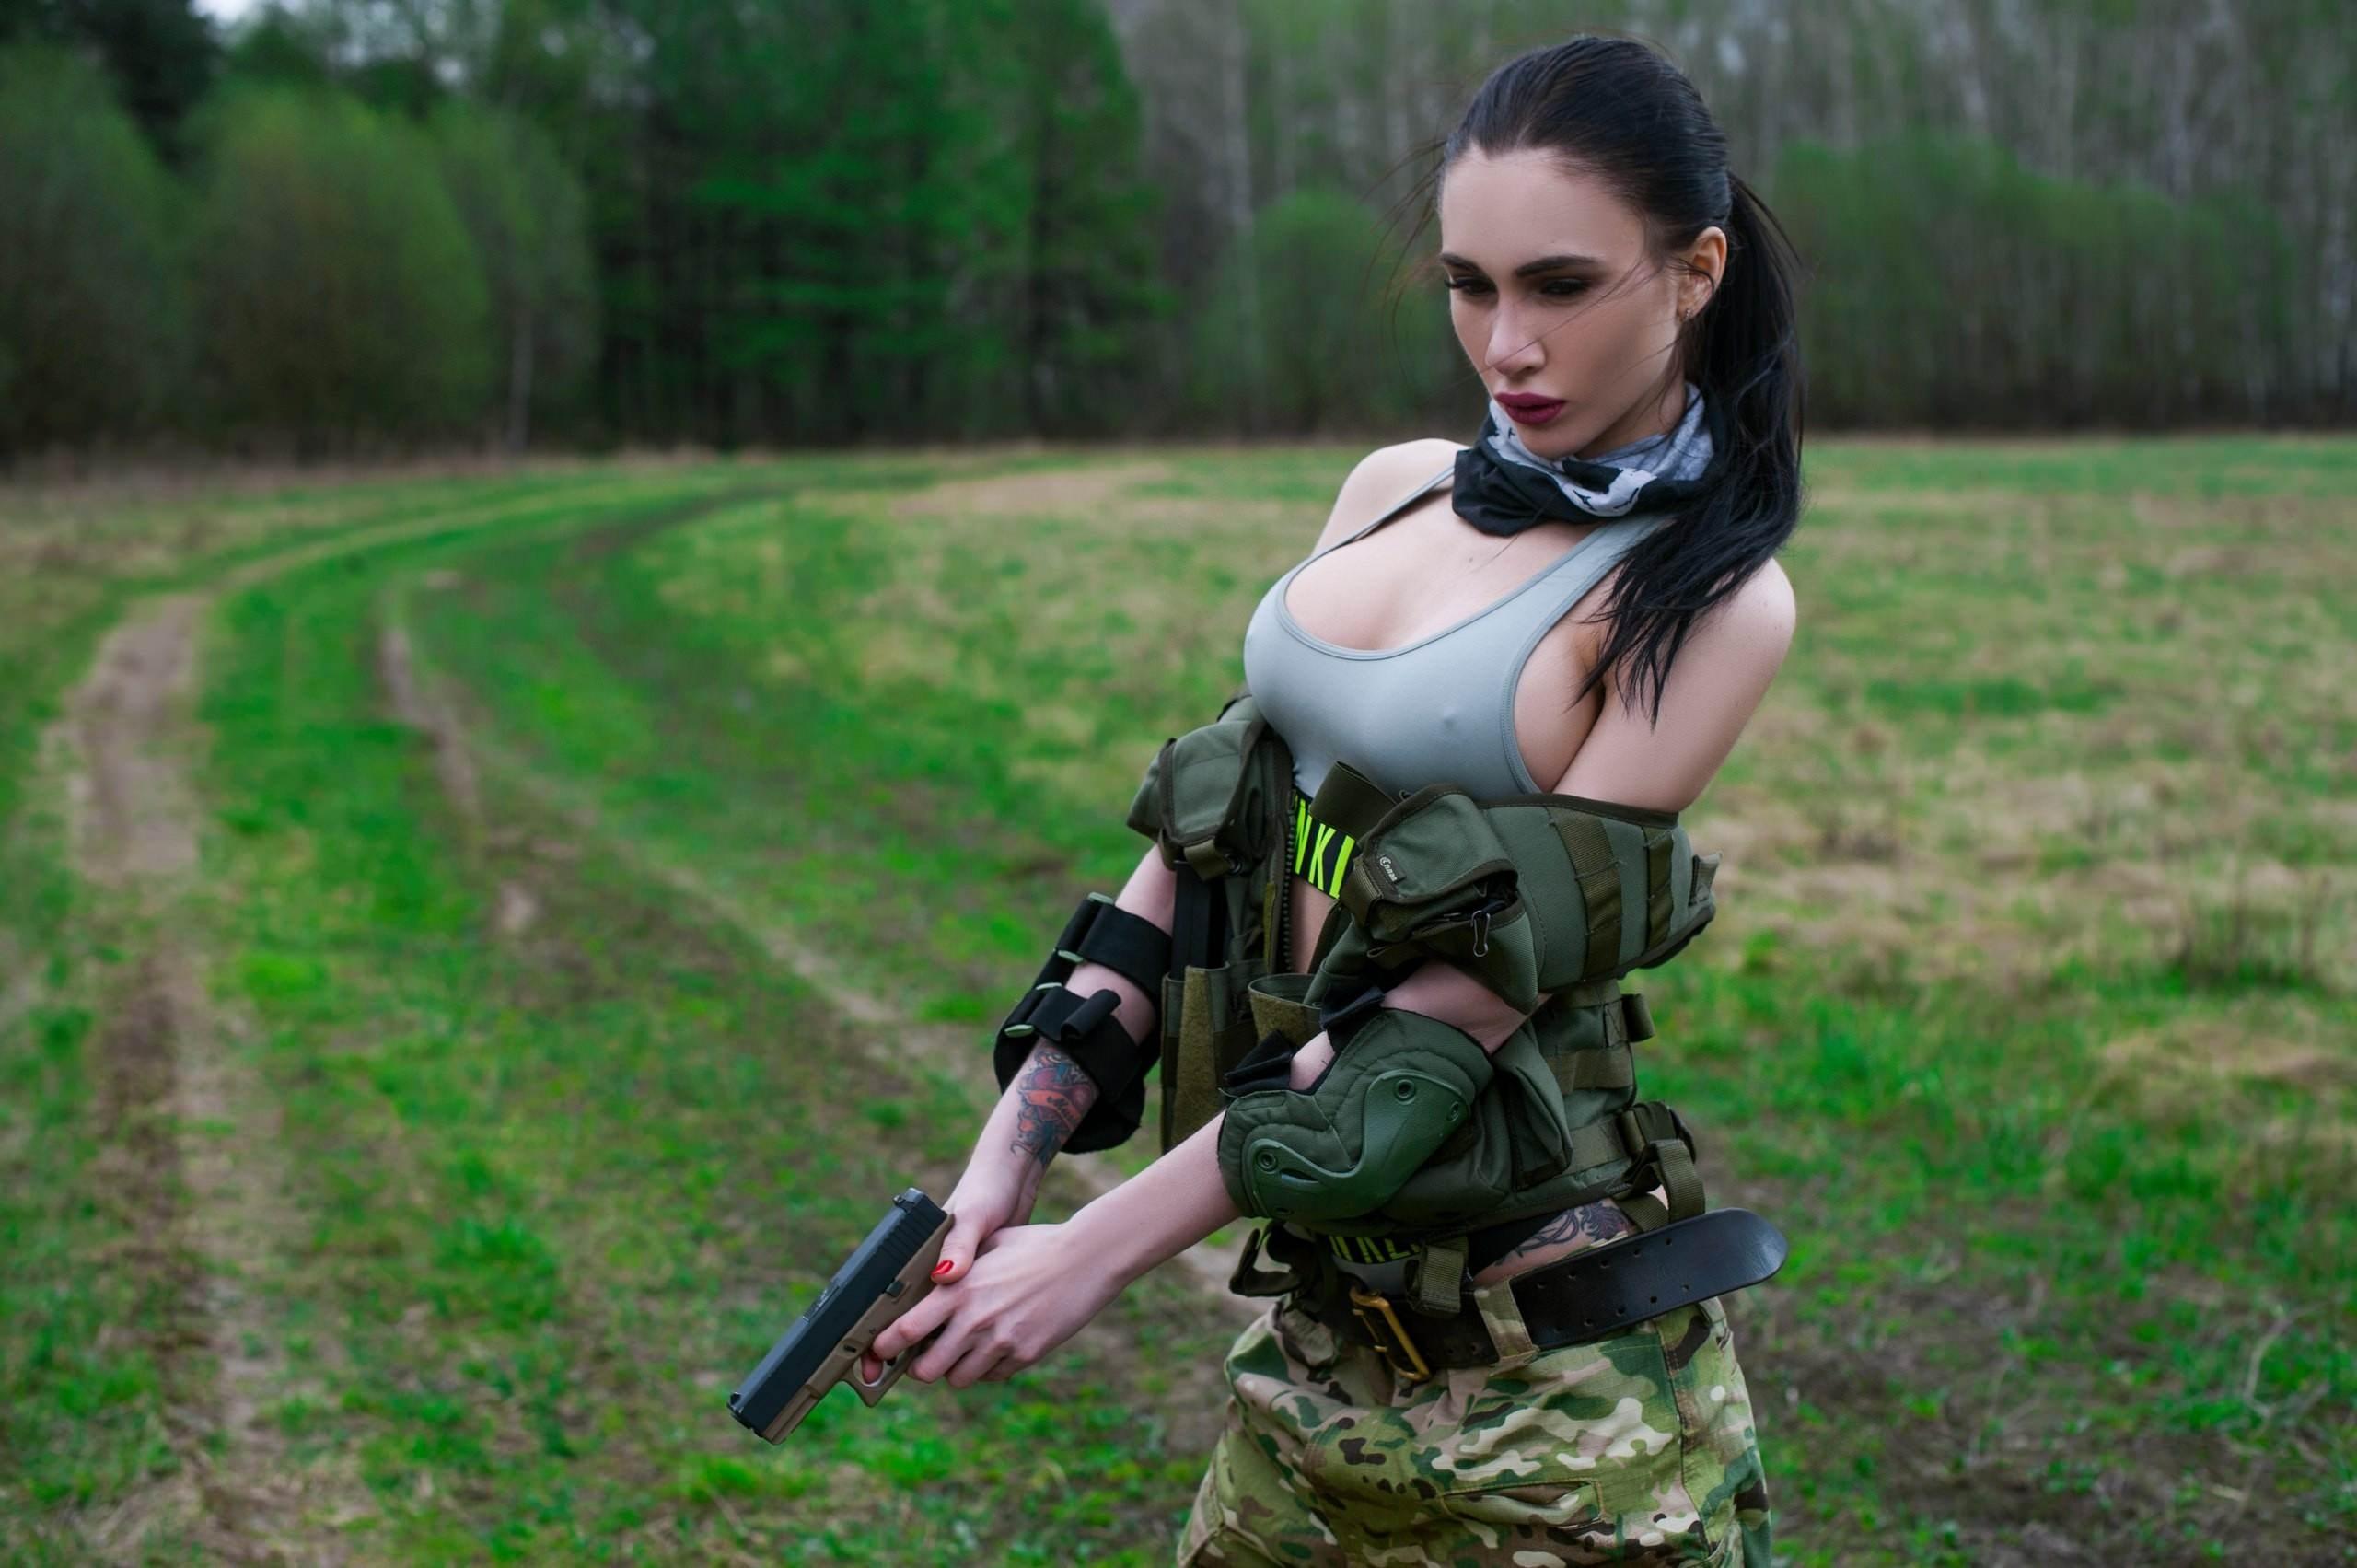 Фото Девушка в камуфляже, большая грудь в серой майке, солдат, пистолет, дорога, трава, сексапильная брюнетка в военной форме, скачать картинку бесплатно